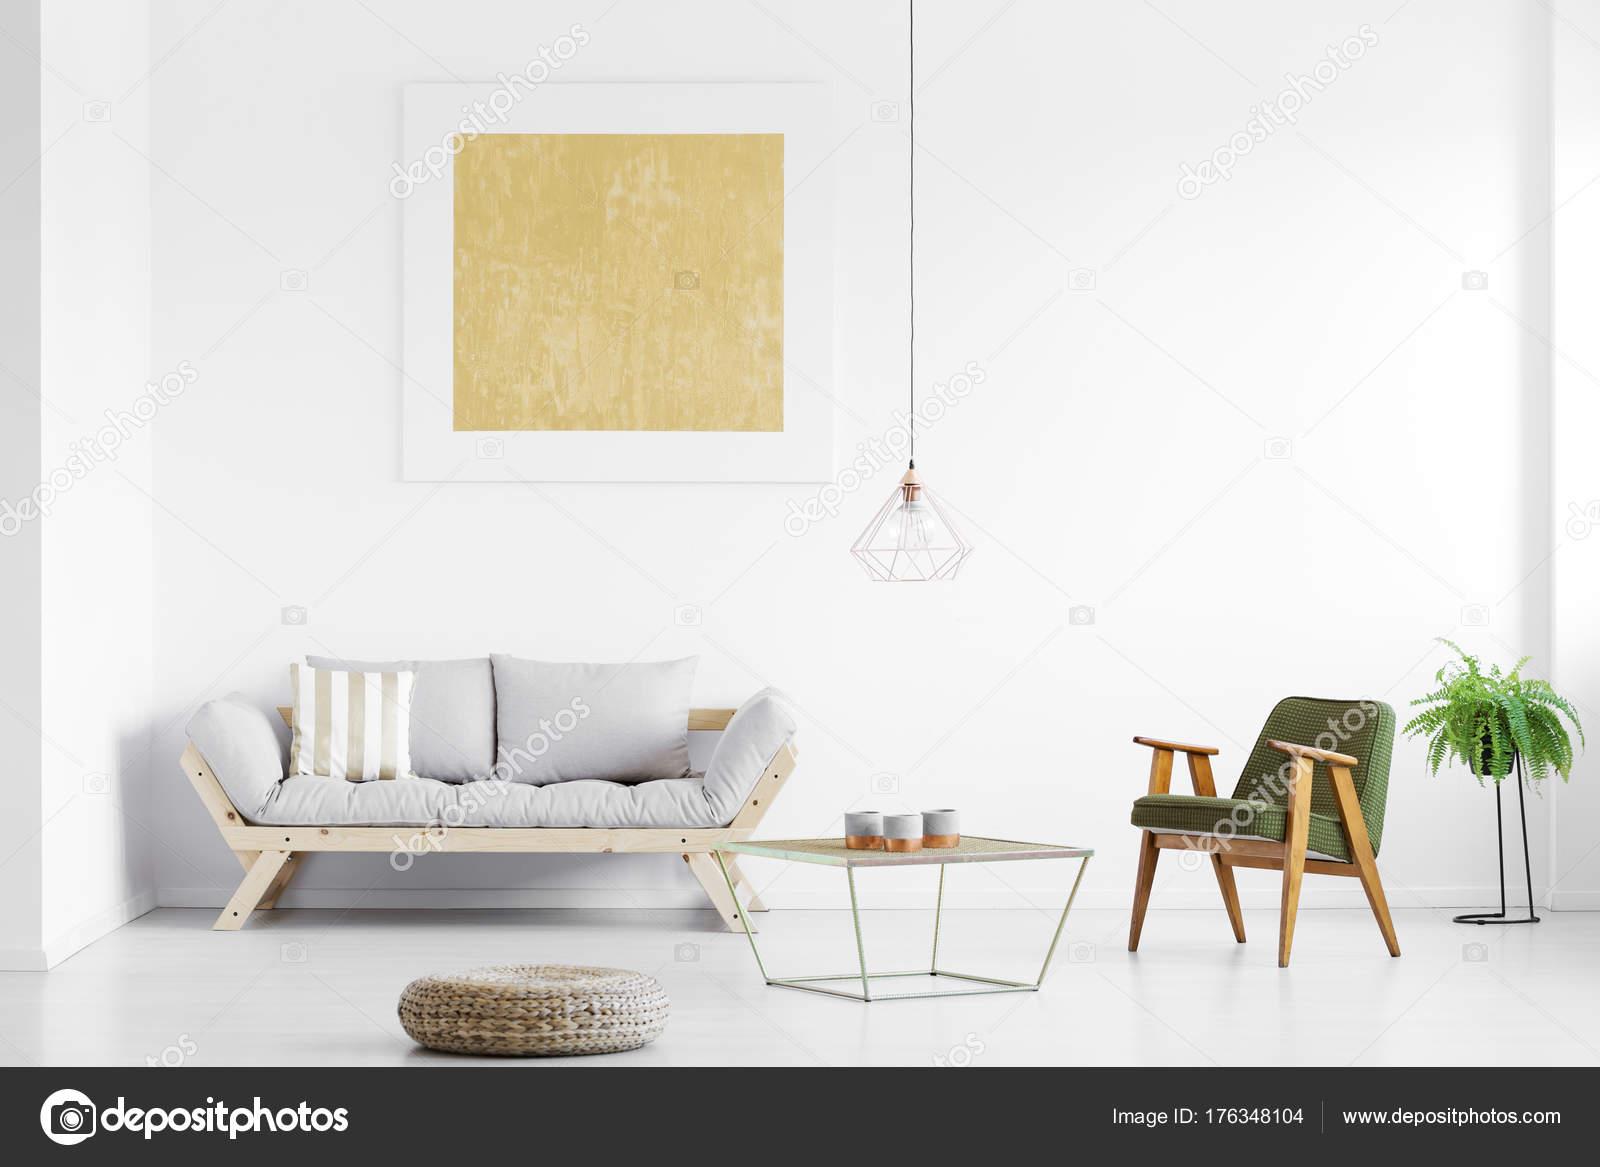 Woonkamer Grijze Bank : Rij van hoofdkussens op grijze bank met zwarte lamp in woonkamer